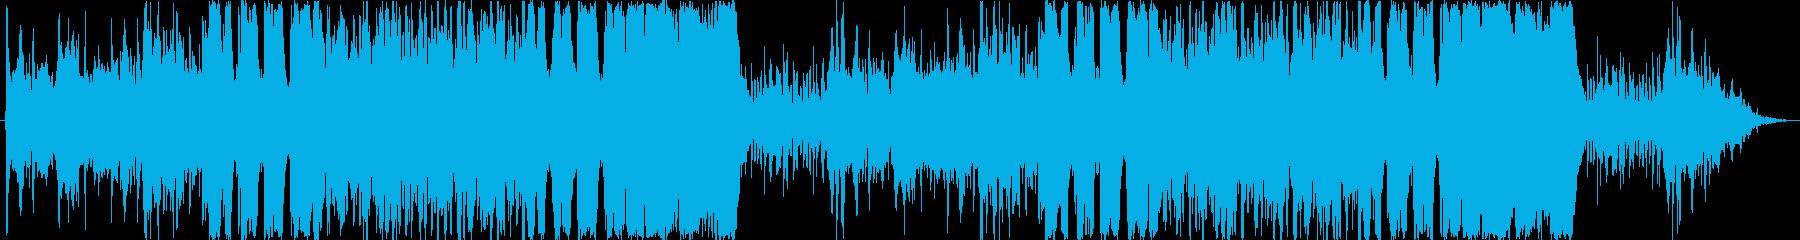 勇敢/トランペット/オーケストラの再生済みの波形